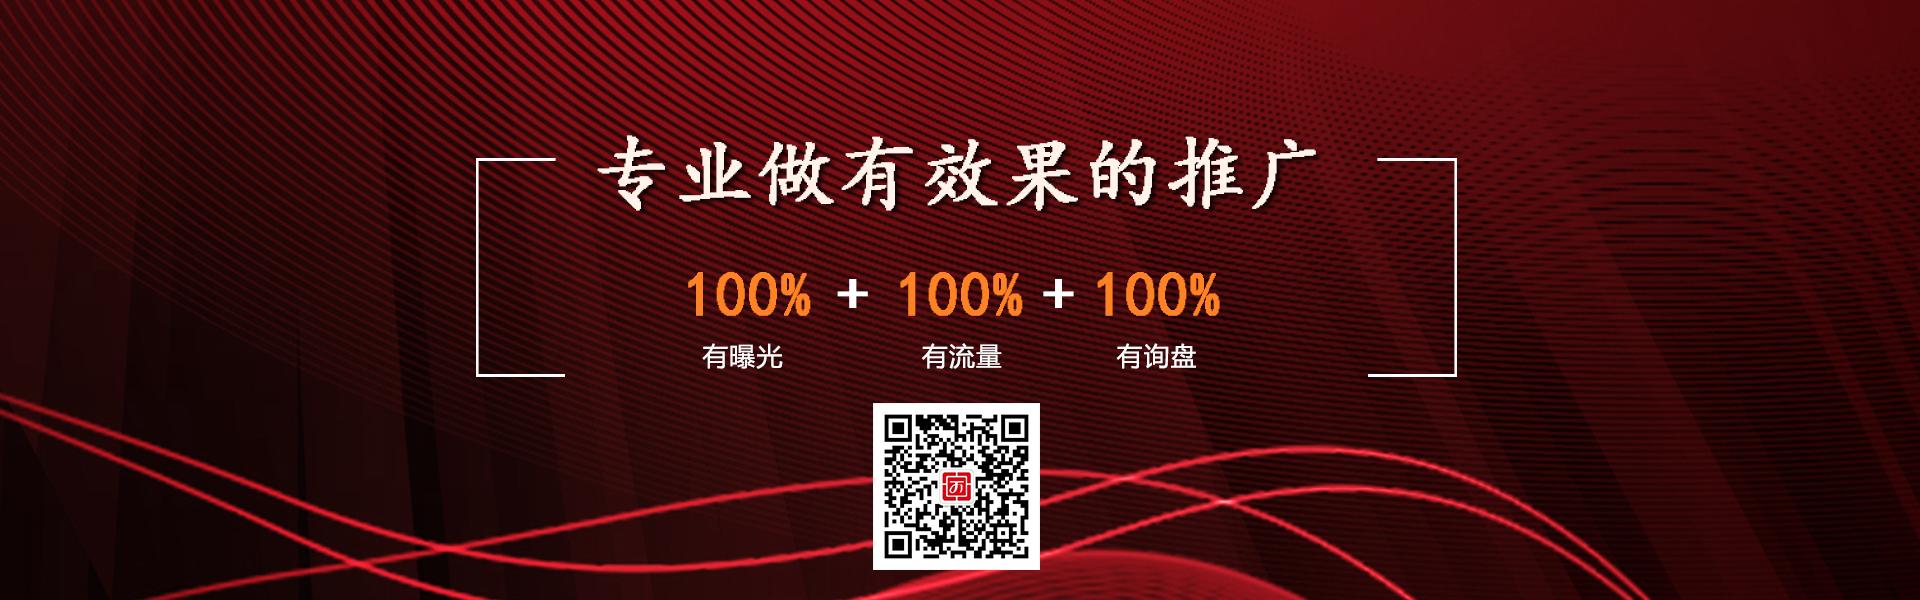 广州专业网络推广